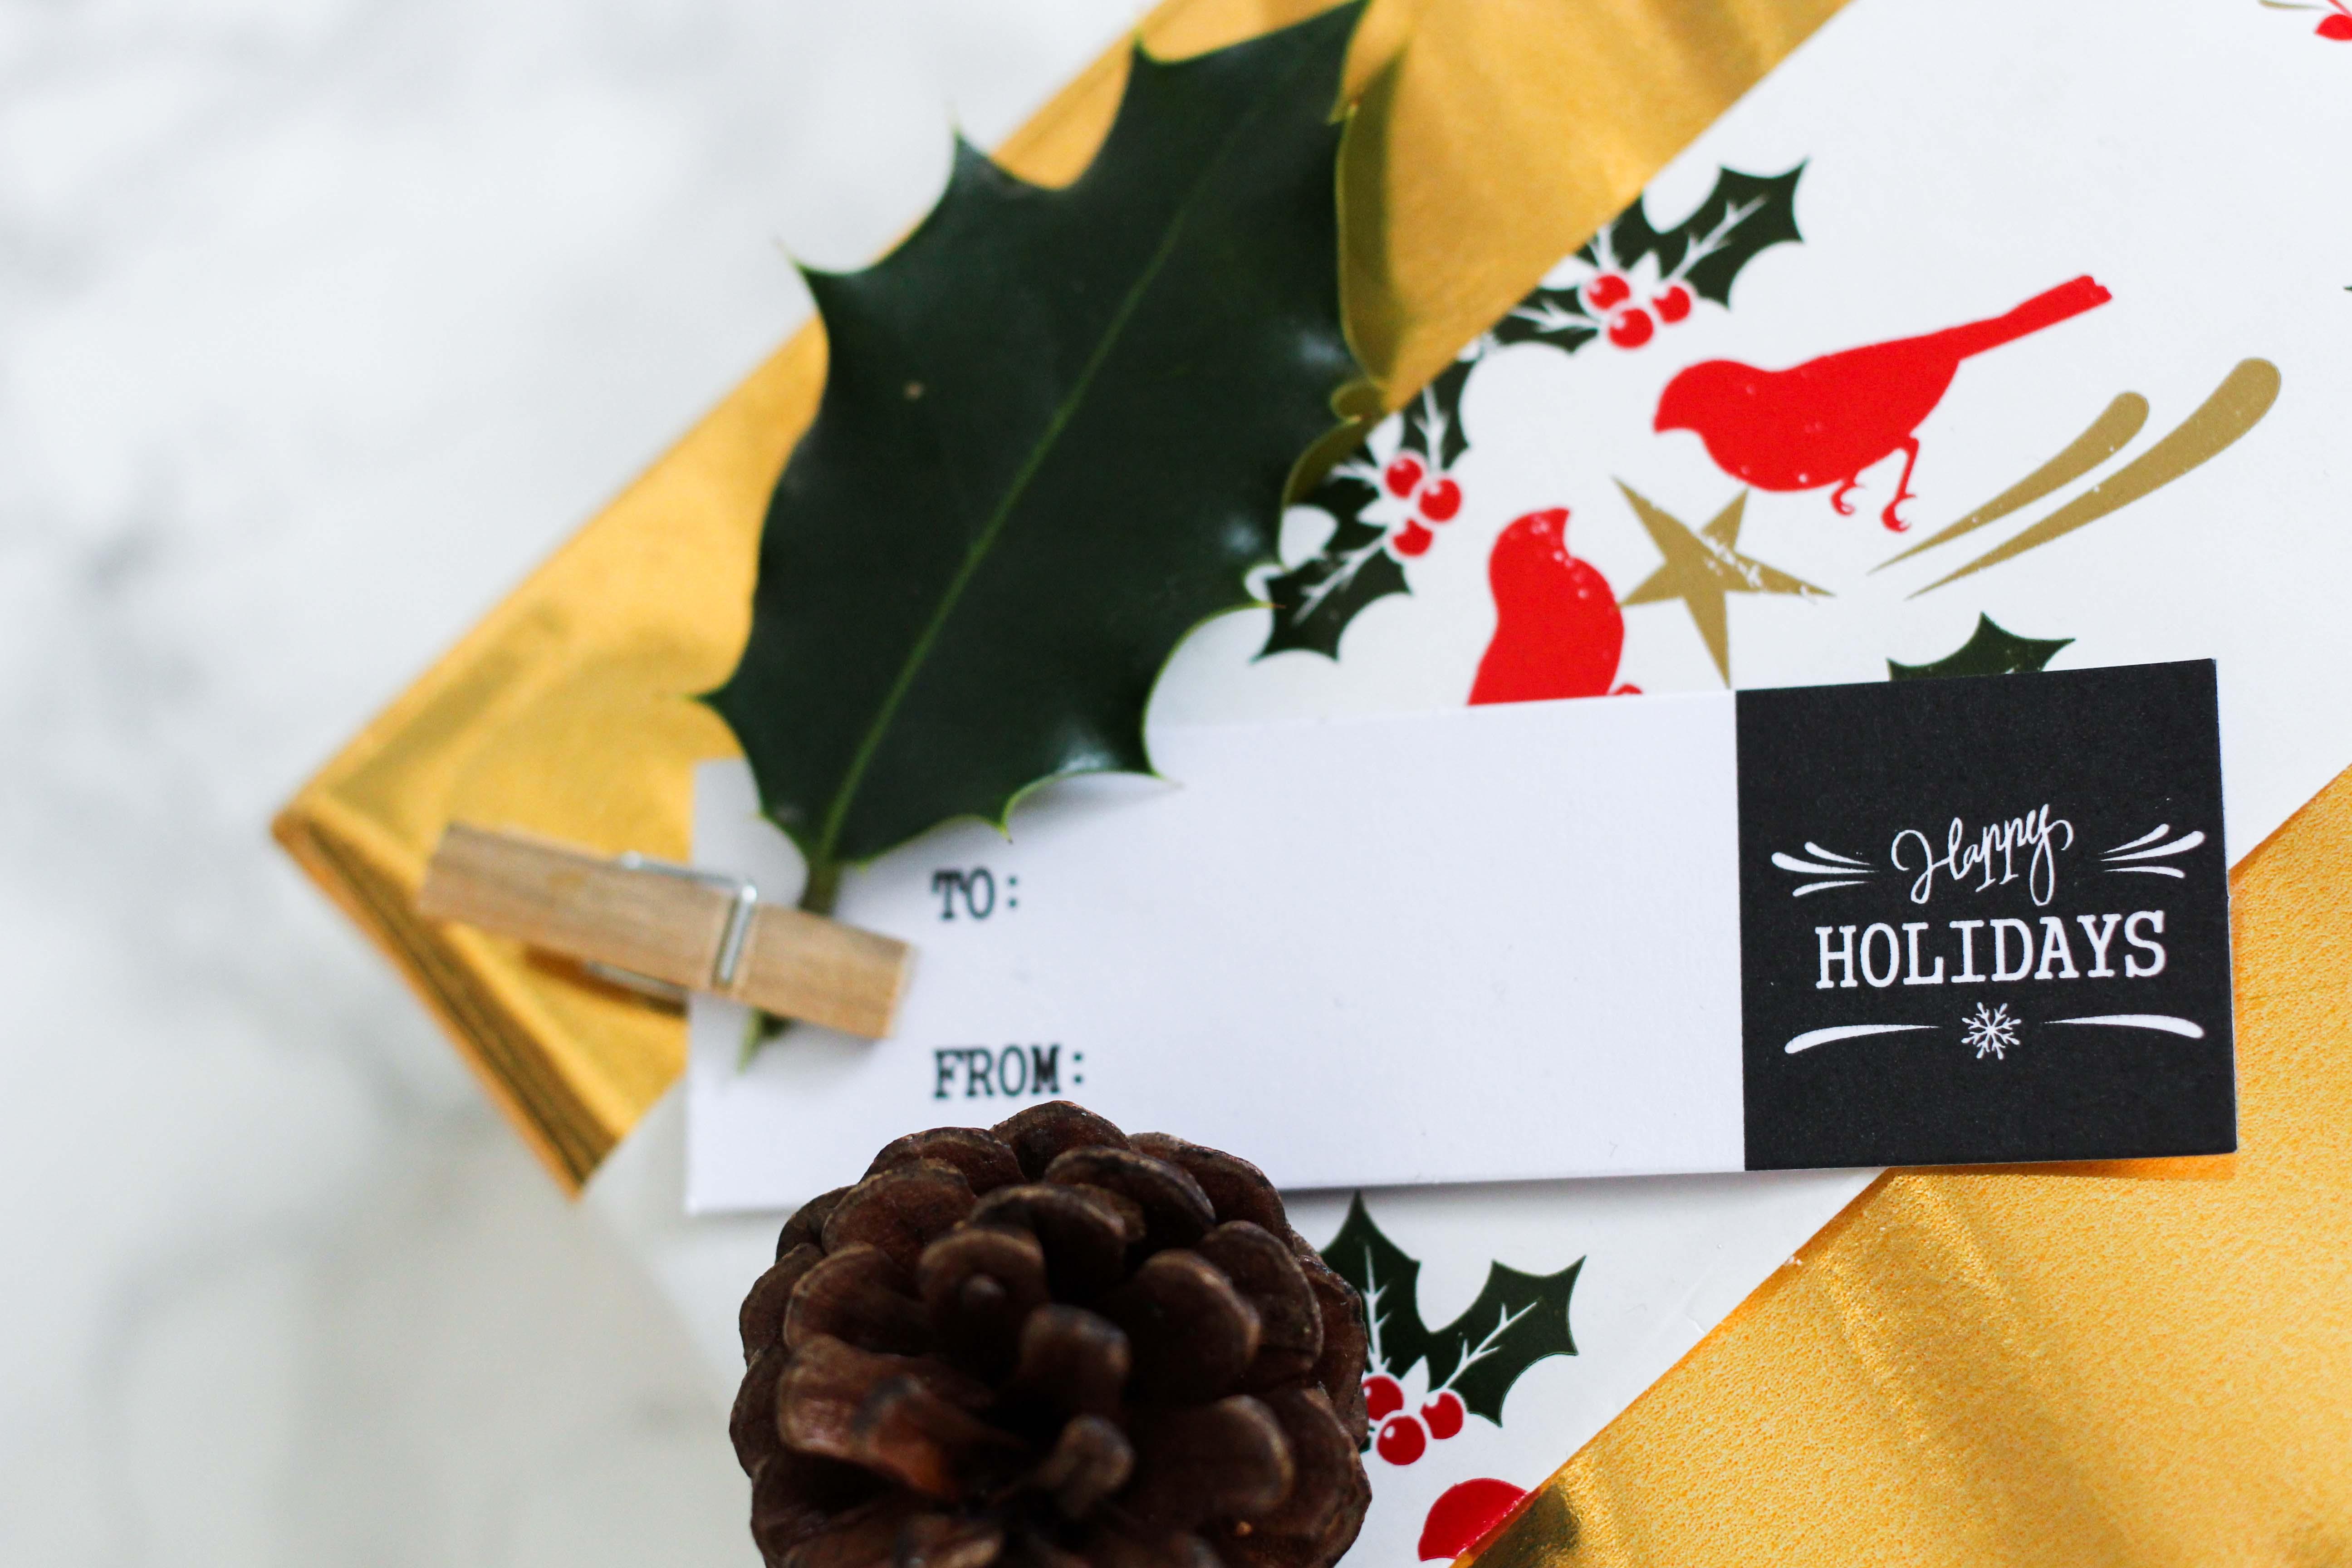 Geschenke kreativ einpacken Weihnachten Kreativer Christmas Gift Wrapping Guide Clas Ohlson Geschenkanhänger